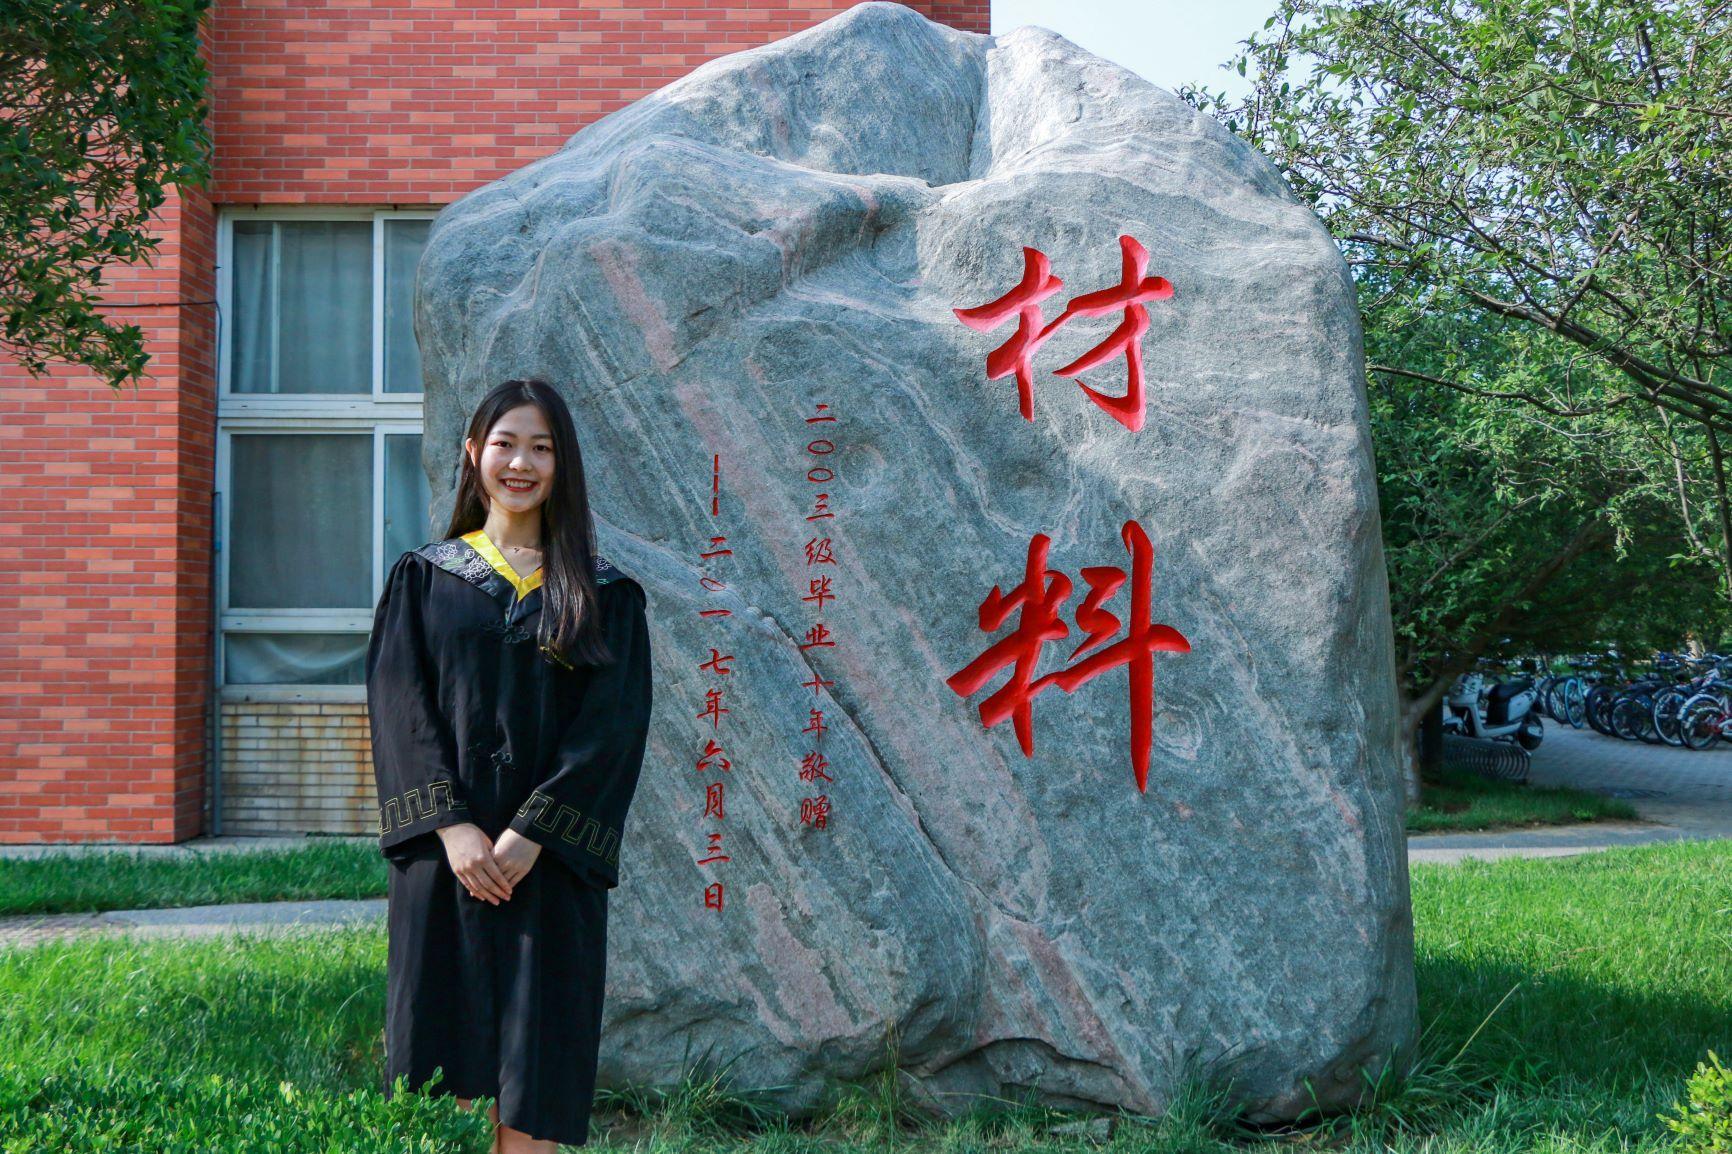 鲁姱姱:学习与研究贵在持之以恒